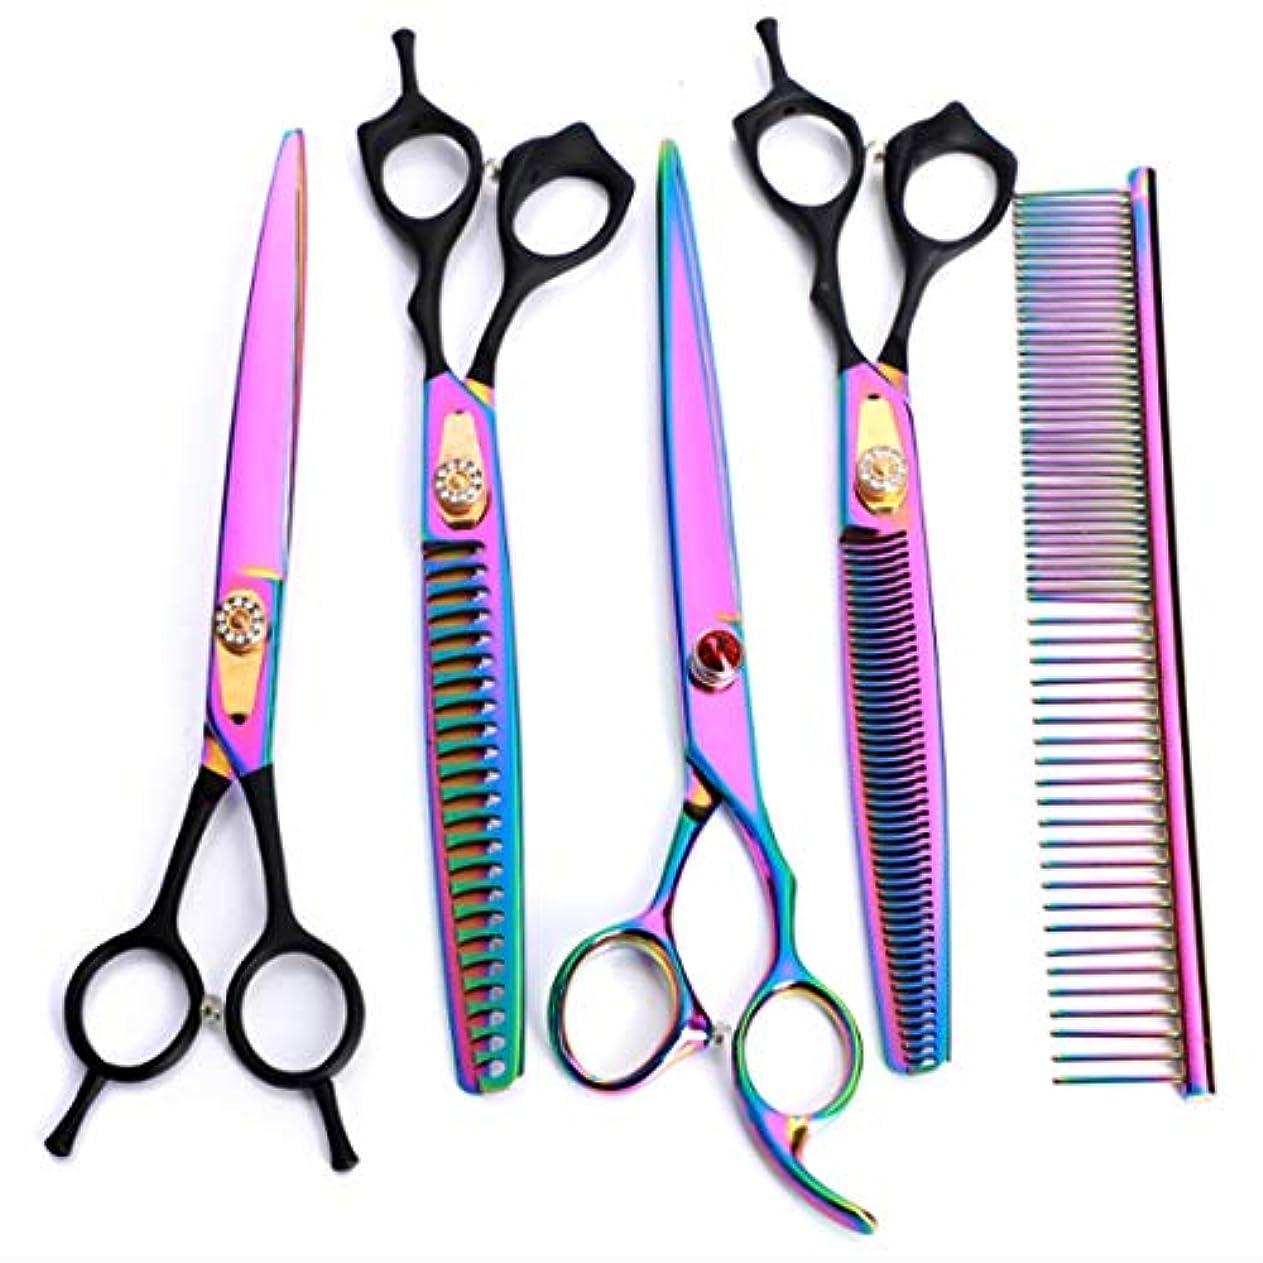 広告破壊する補体プロの理髪師の髪のはさみ/はさみ(8インチ) - プロの歯科用ハサミ/曲げのはさみは毛の切断をせん断します モデリングツール (色 : 色)